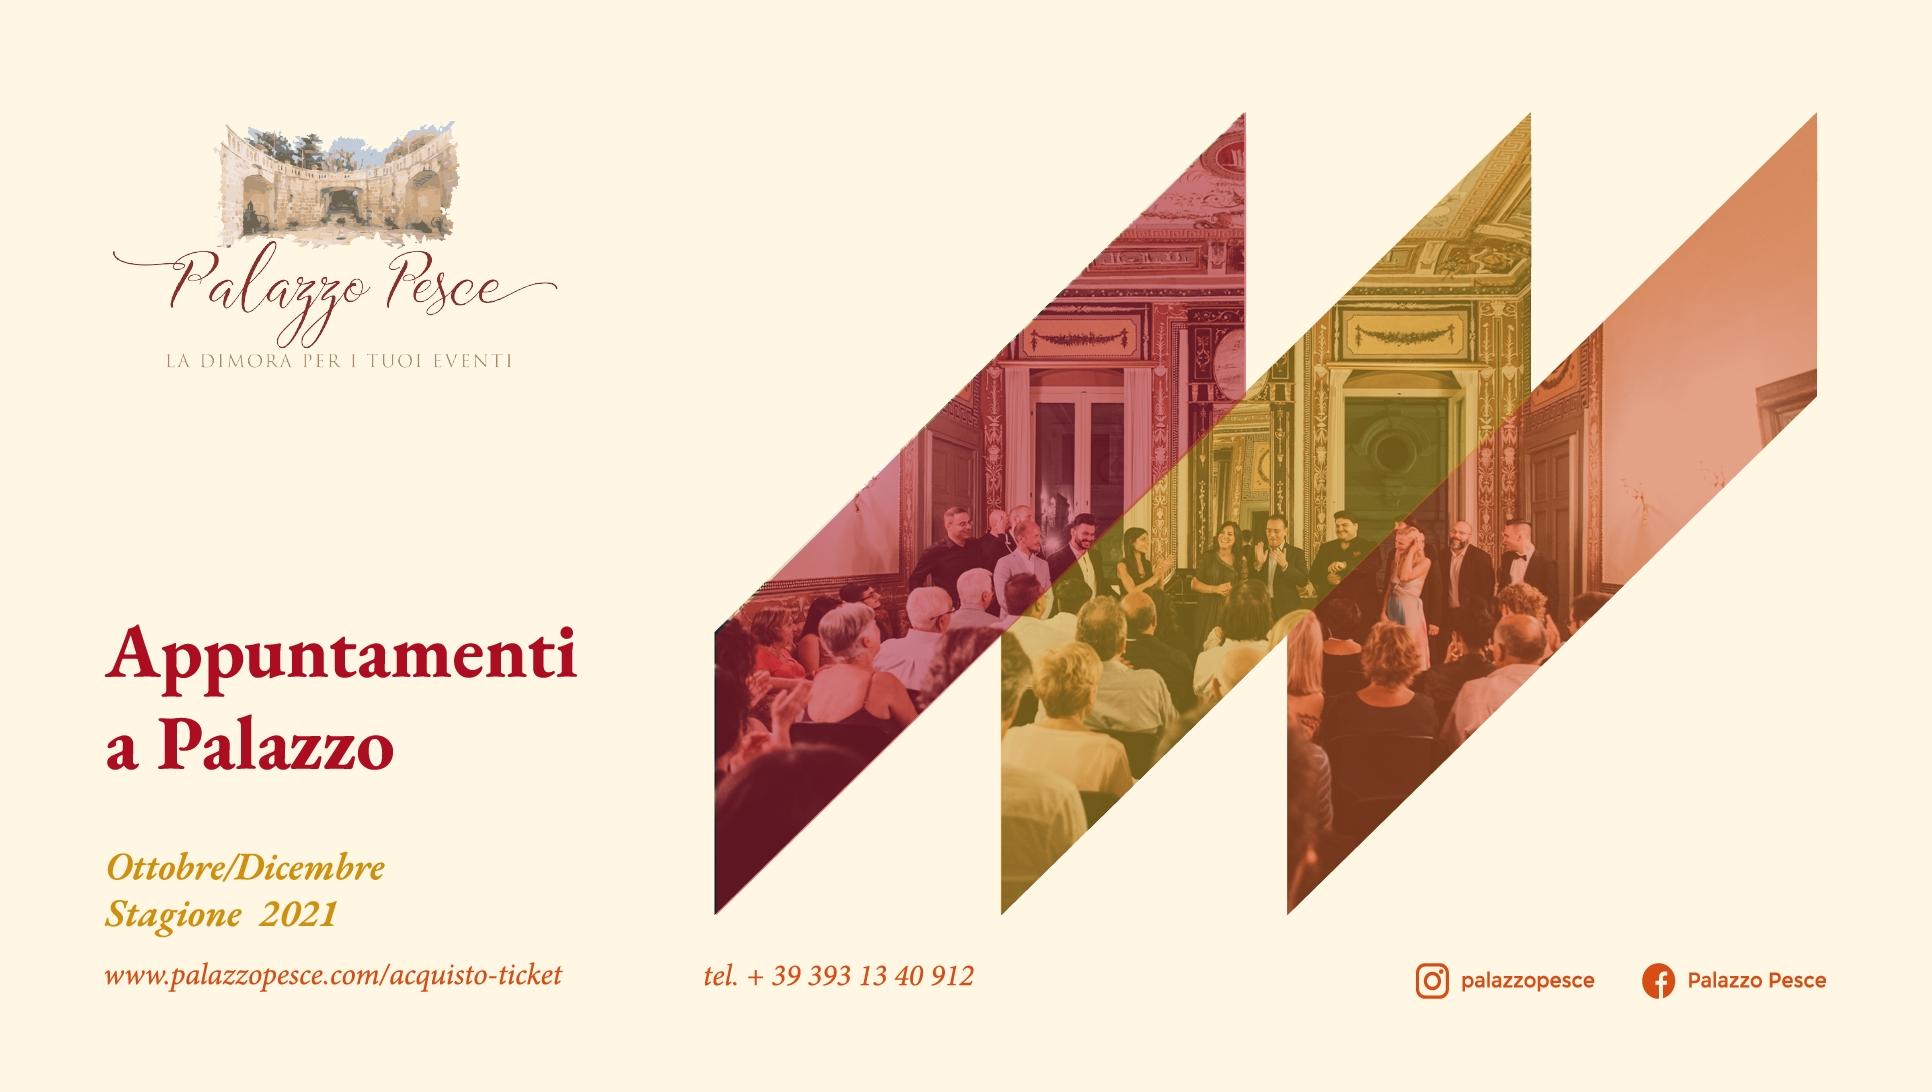 Appuntamenti a palazzo 2021 a Palazzo Pesce